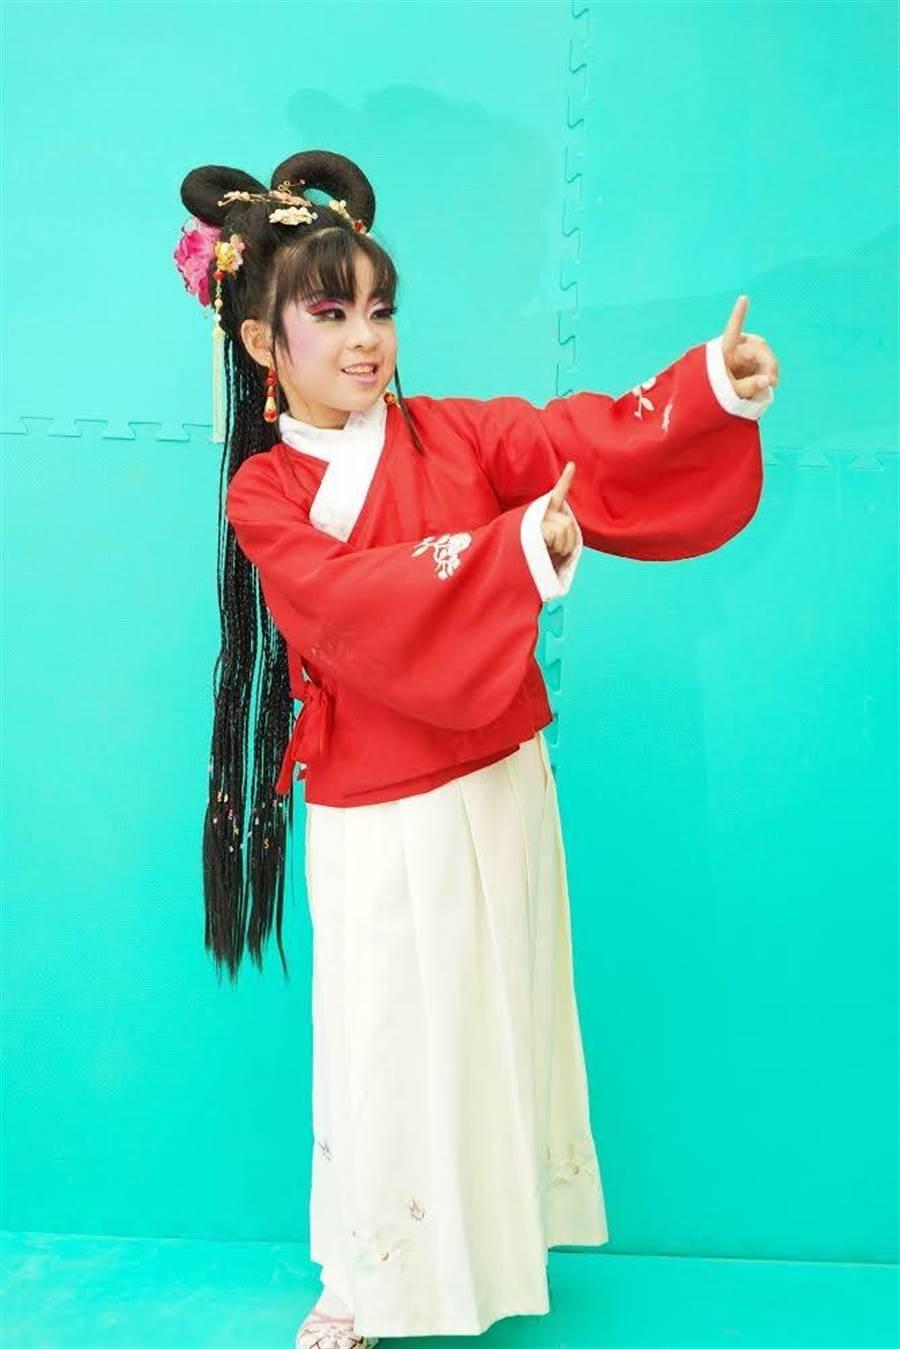 新台灣之子江曉芳的母親是印尼籍新住民,她從國小二年級開始接觸歌仔戲表演,苦練多年,一穿上戲服, 猶如天生「戲精」充滿自信光彩。(校方提供)